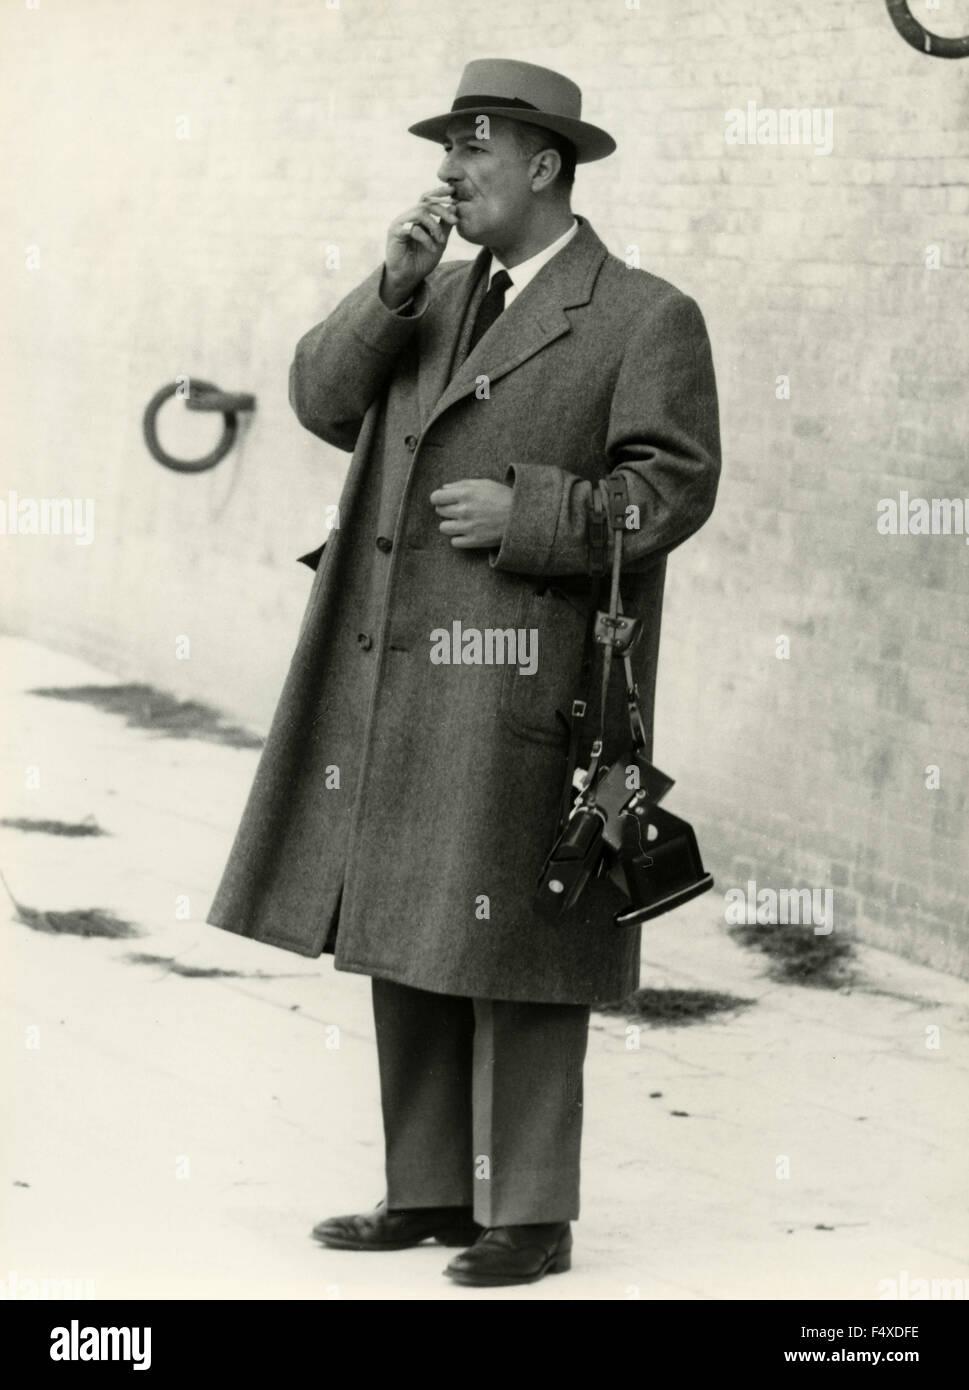 Ein Mann mit Hut, Mantel und Kamera, Italien Stockfoto, Bild